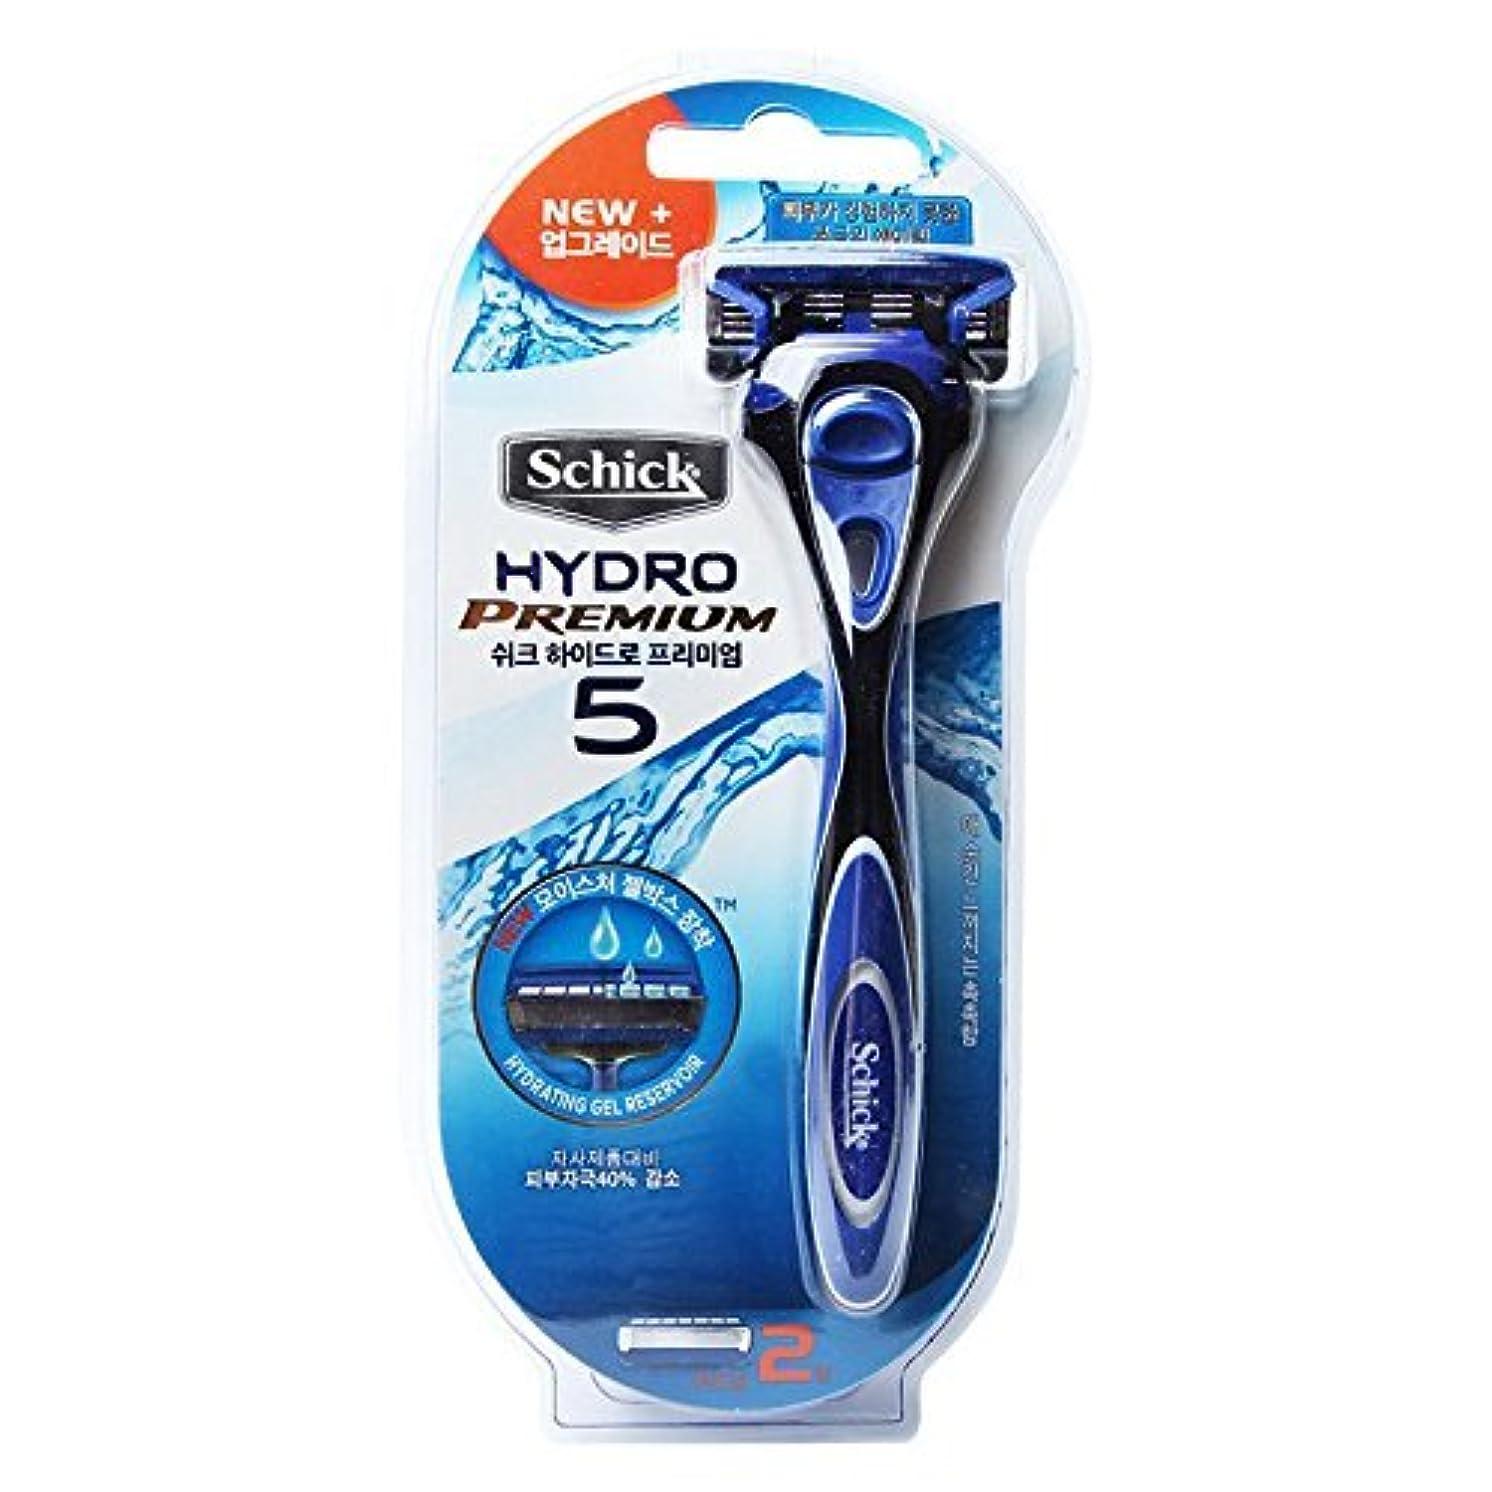 キャビン強大な問題Schick Hydro 5 Premium トリマーで男性と2カミソリ詰め替え用カミソリ [並行輸入品]